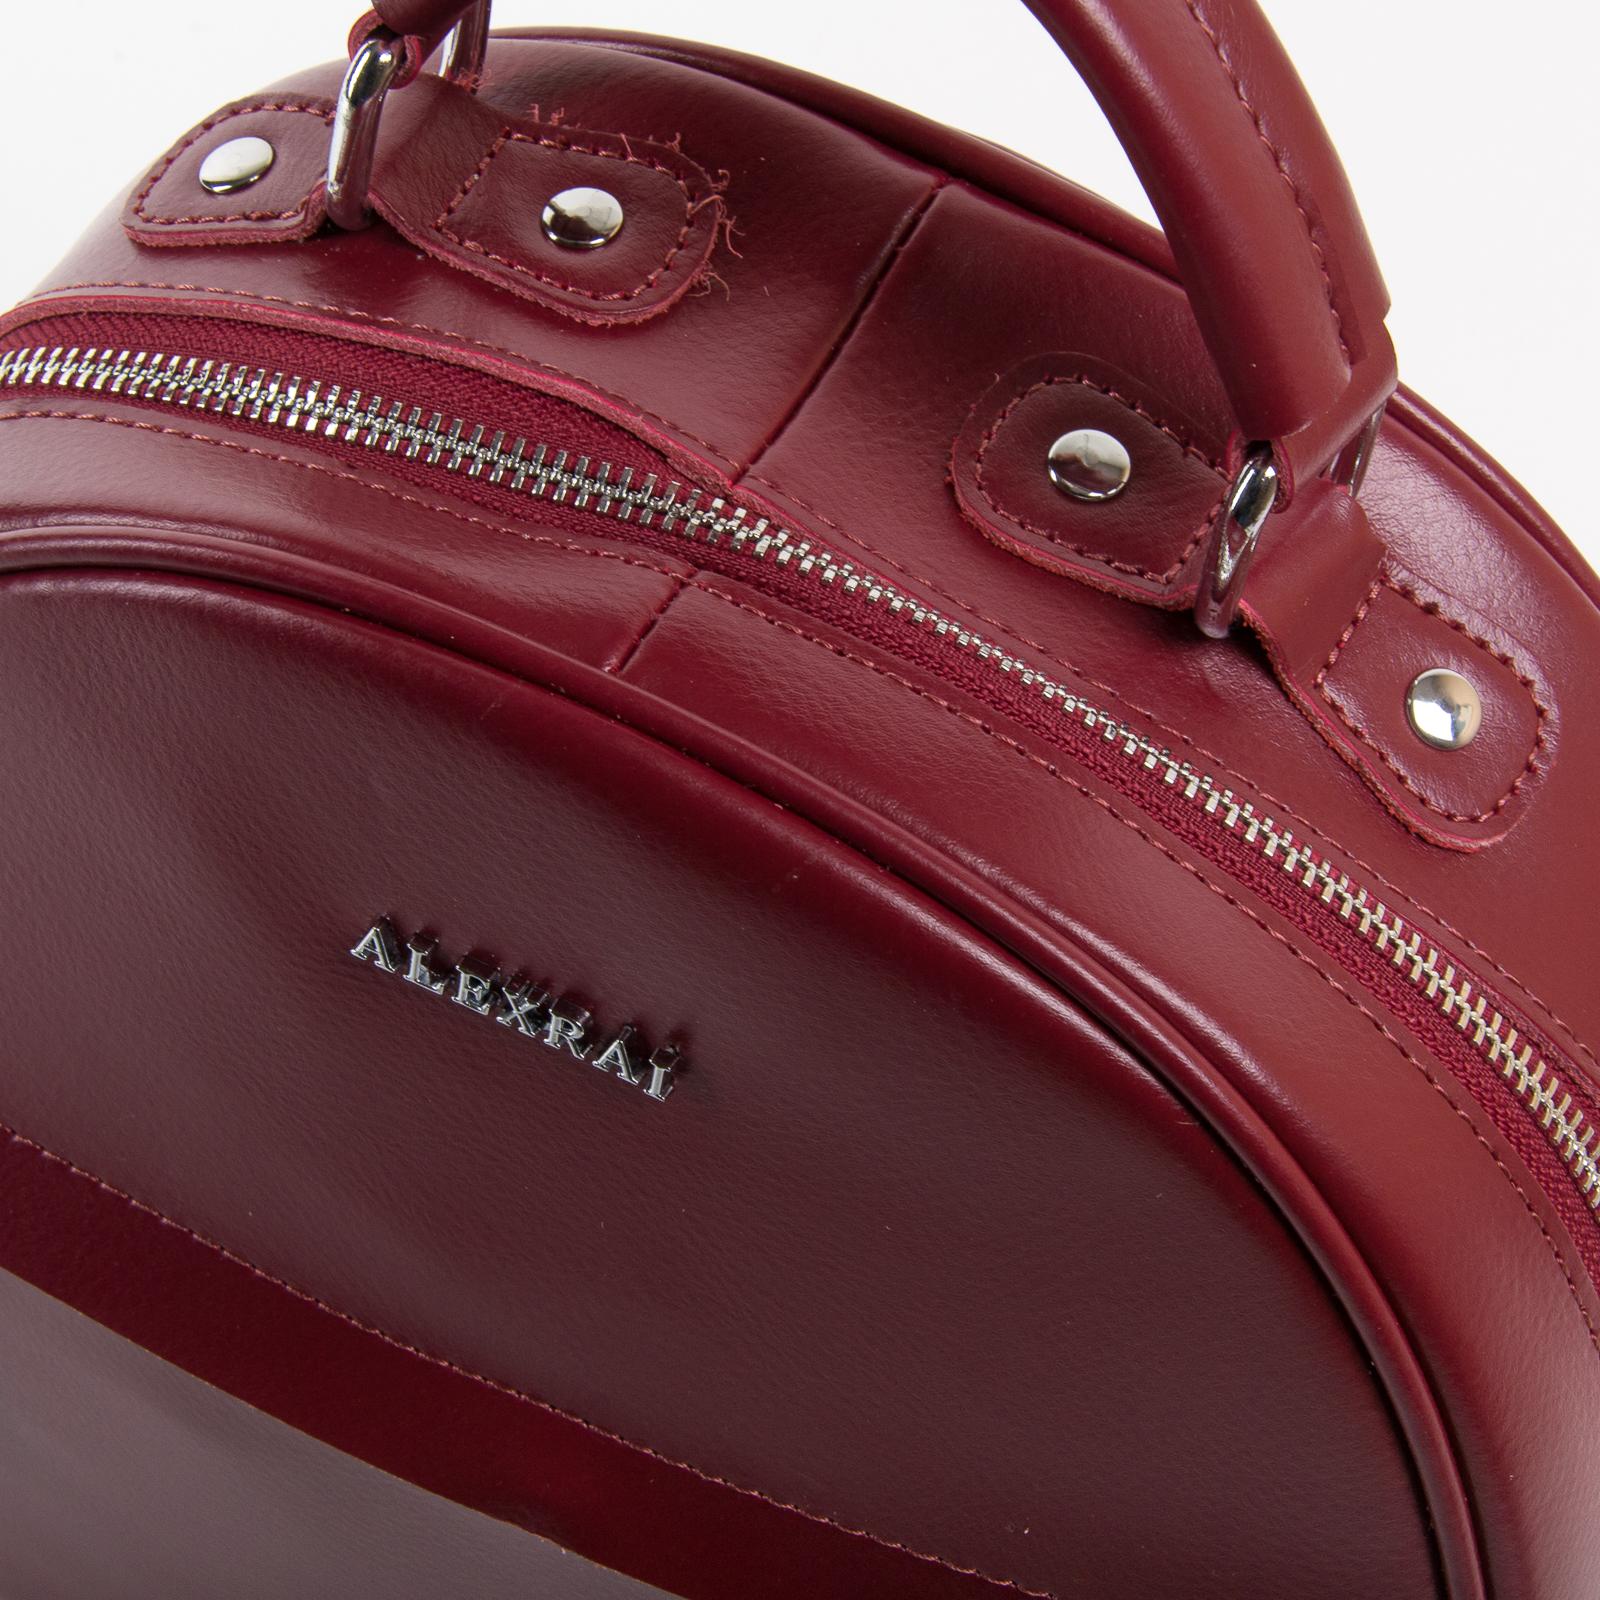 Сумка Женская Рюкзак кожа ALEX RAI 03-01 8715 dark-red - фото 3